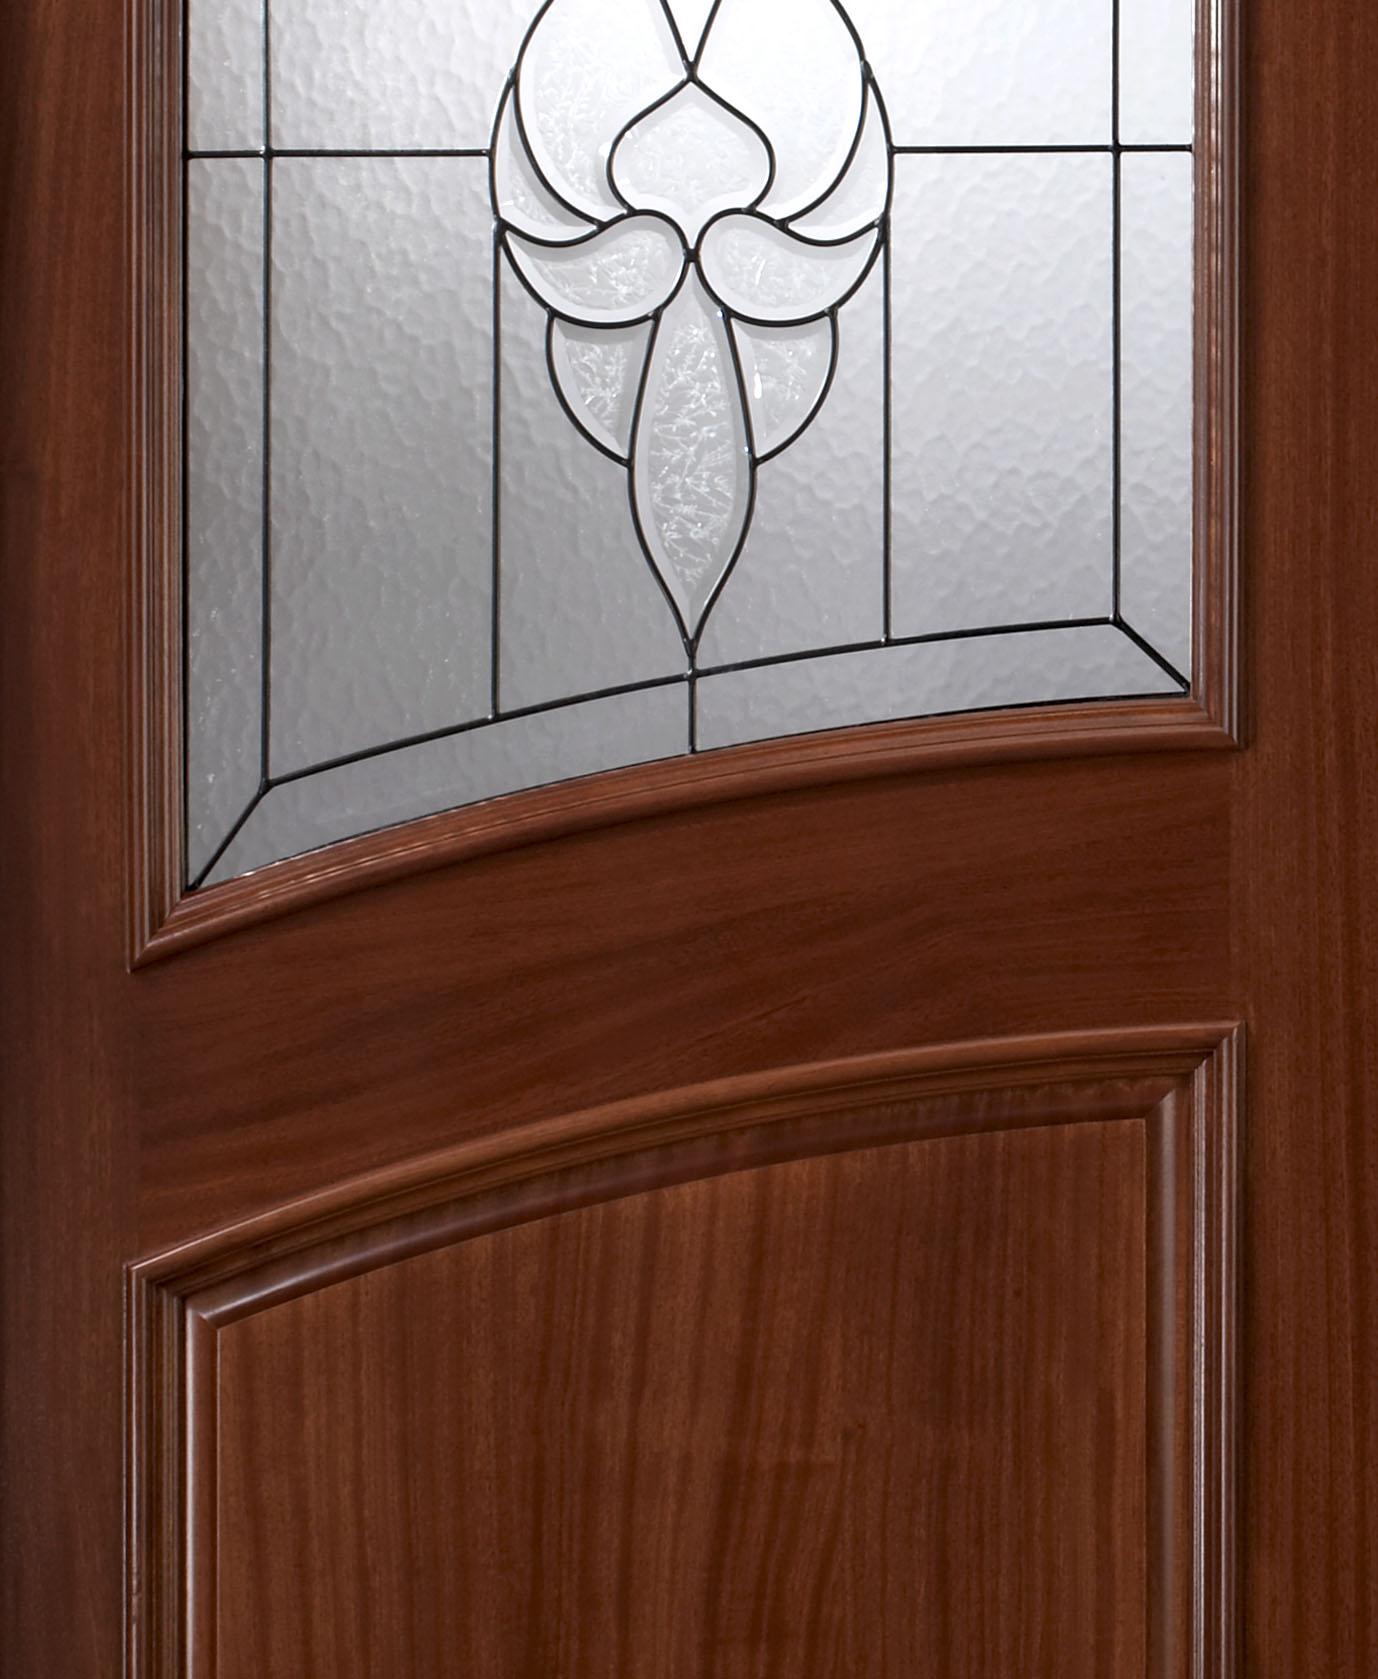 1679 #492311 Brussels African Mahogany Arched Top Double Door wallpaper Radius Top Entry Doors 38951378